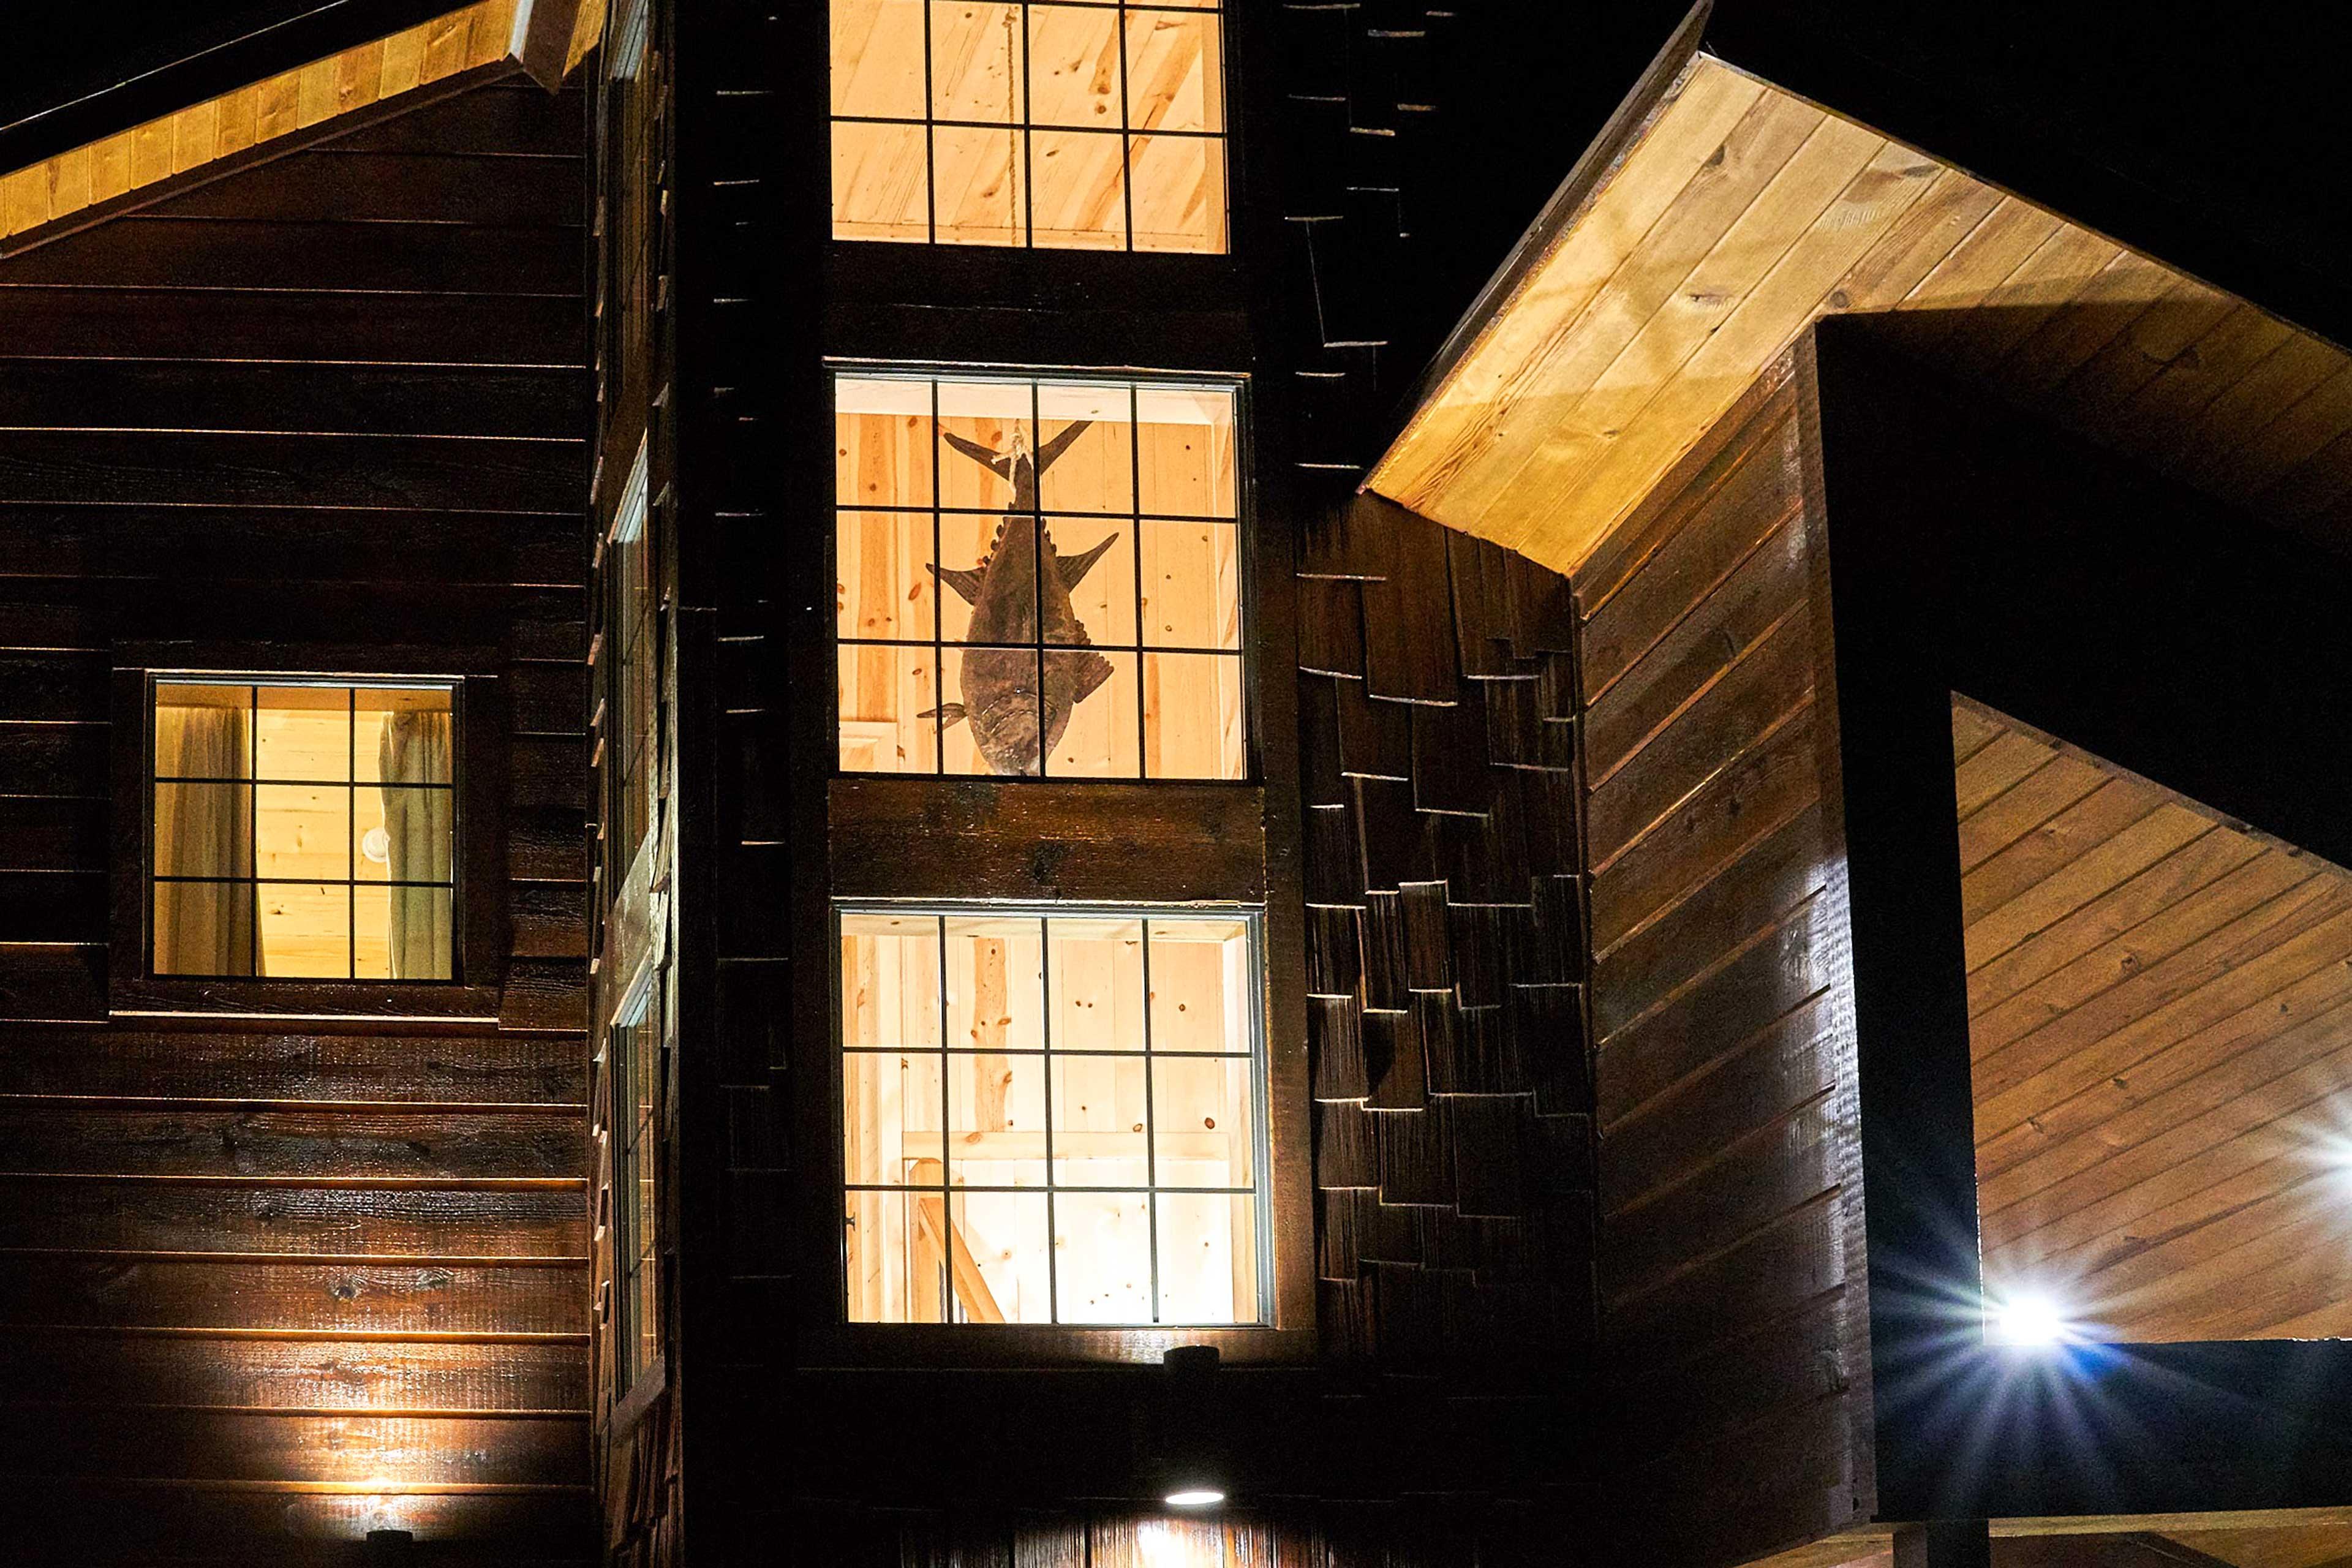 Exterior | Night Photos